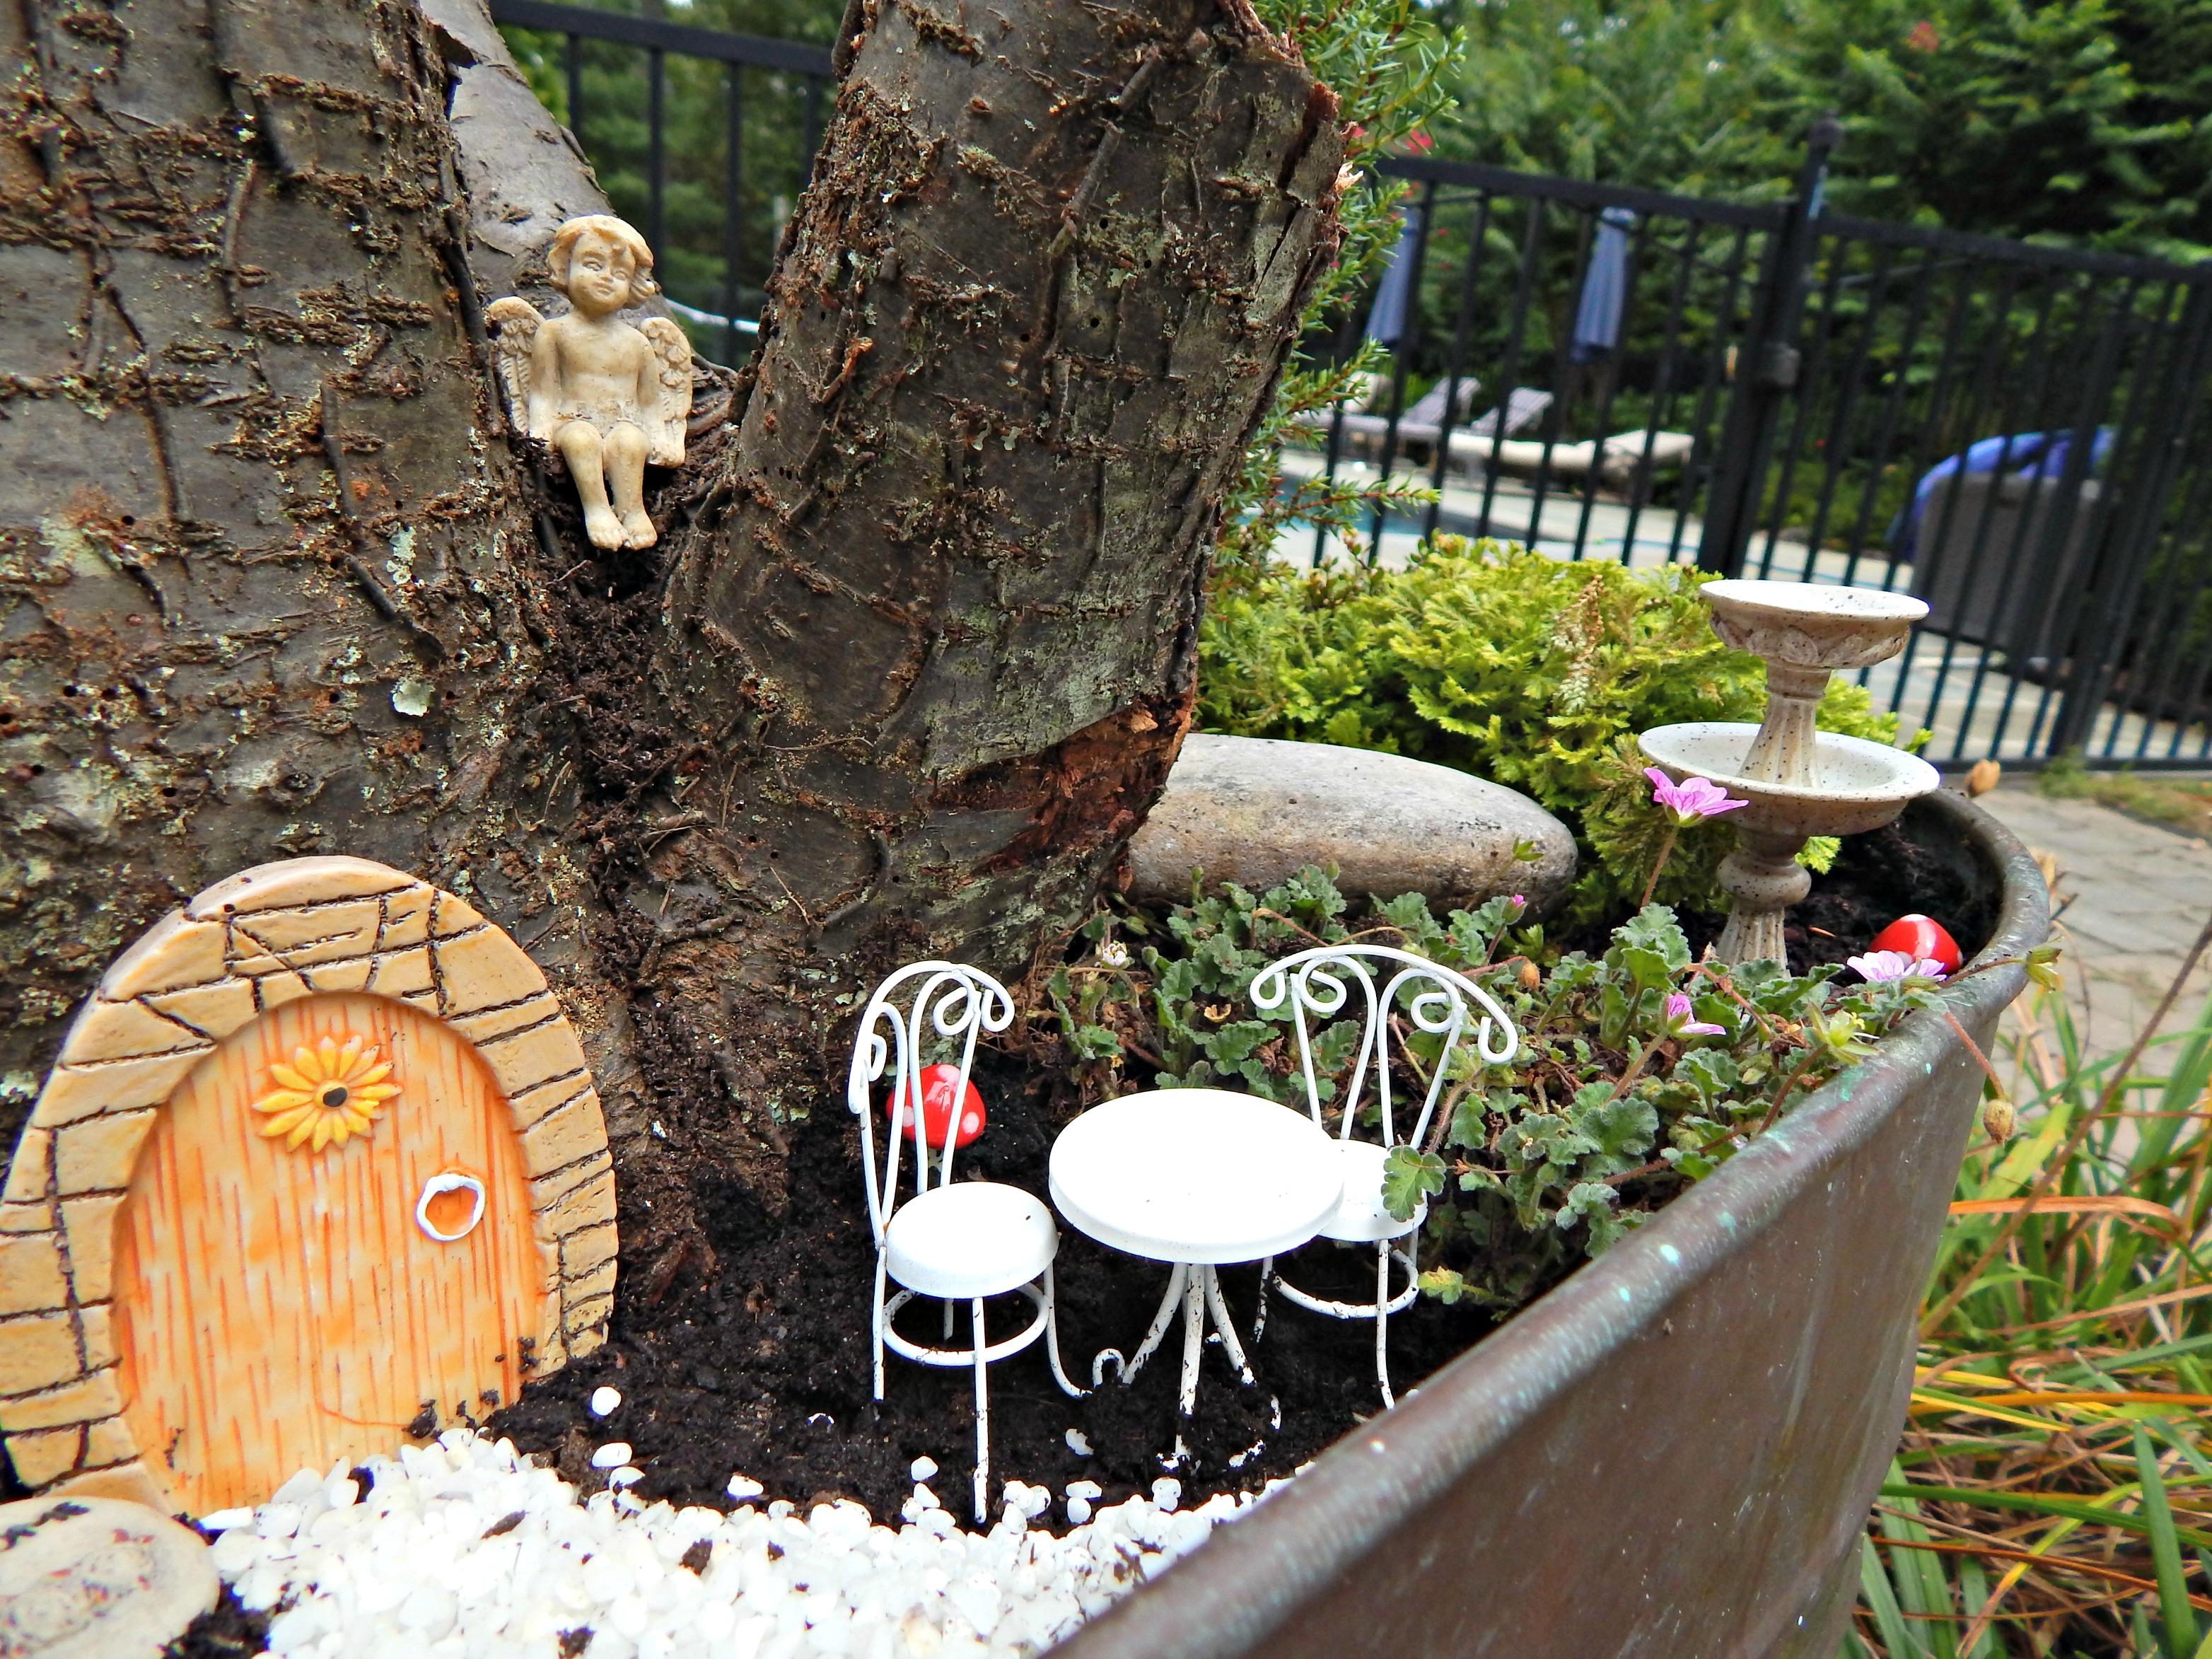 Fairy Garden table and chair set. Easy DIY Fairy Garden   Stylish Revamp